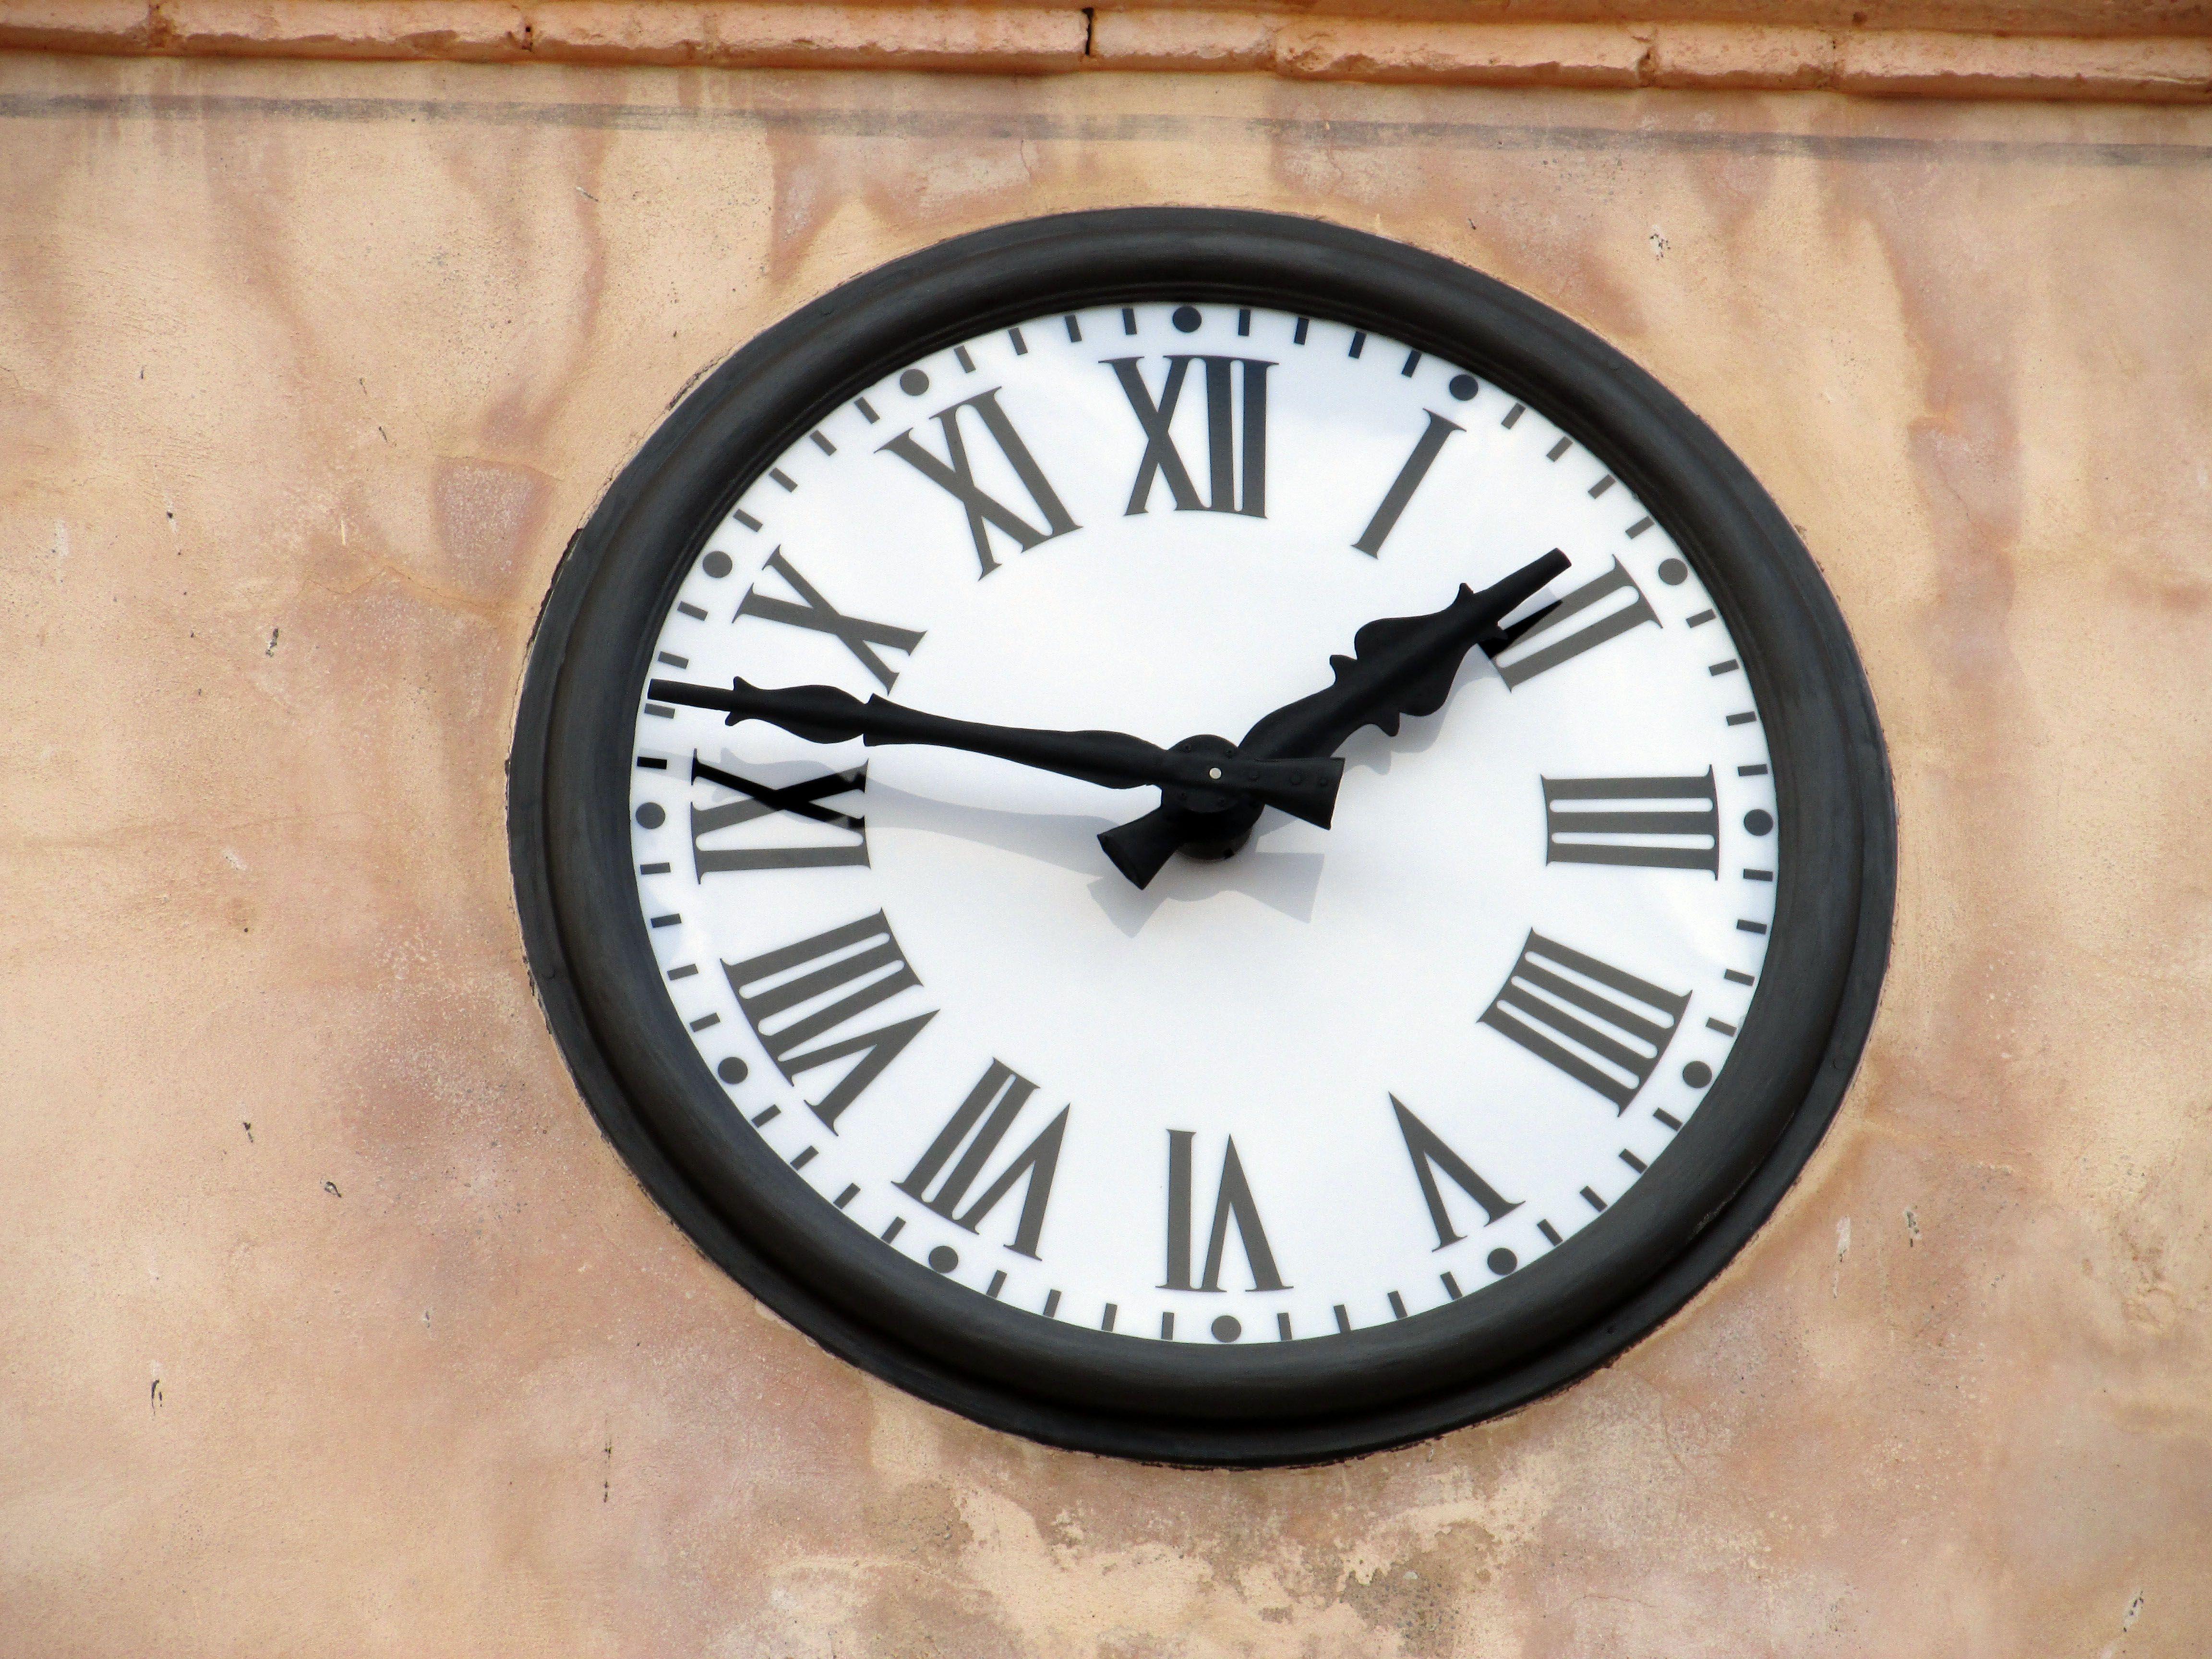 Instalación de relojes en torres